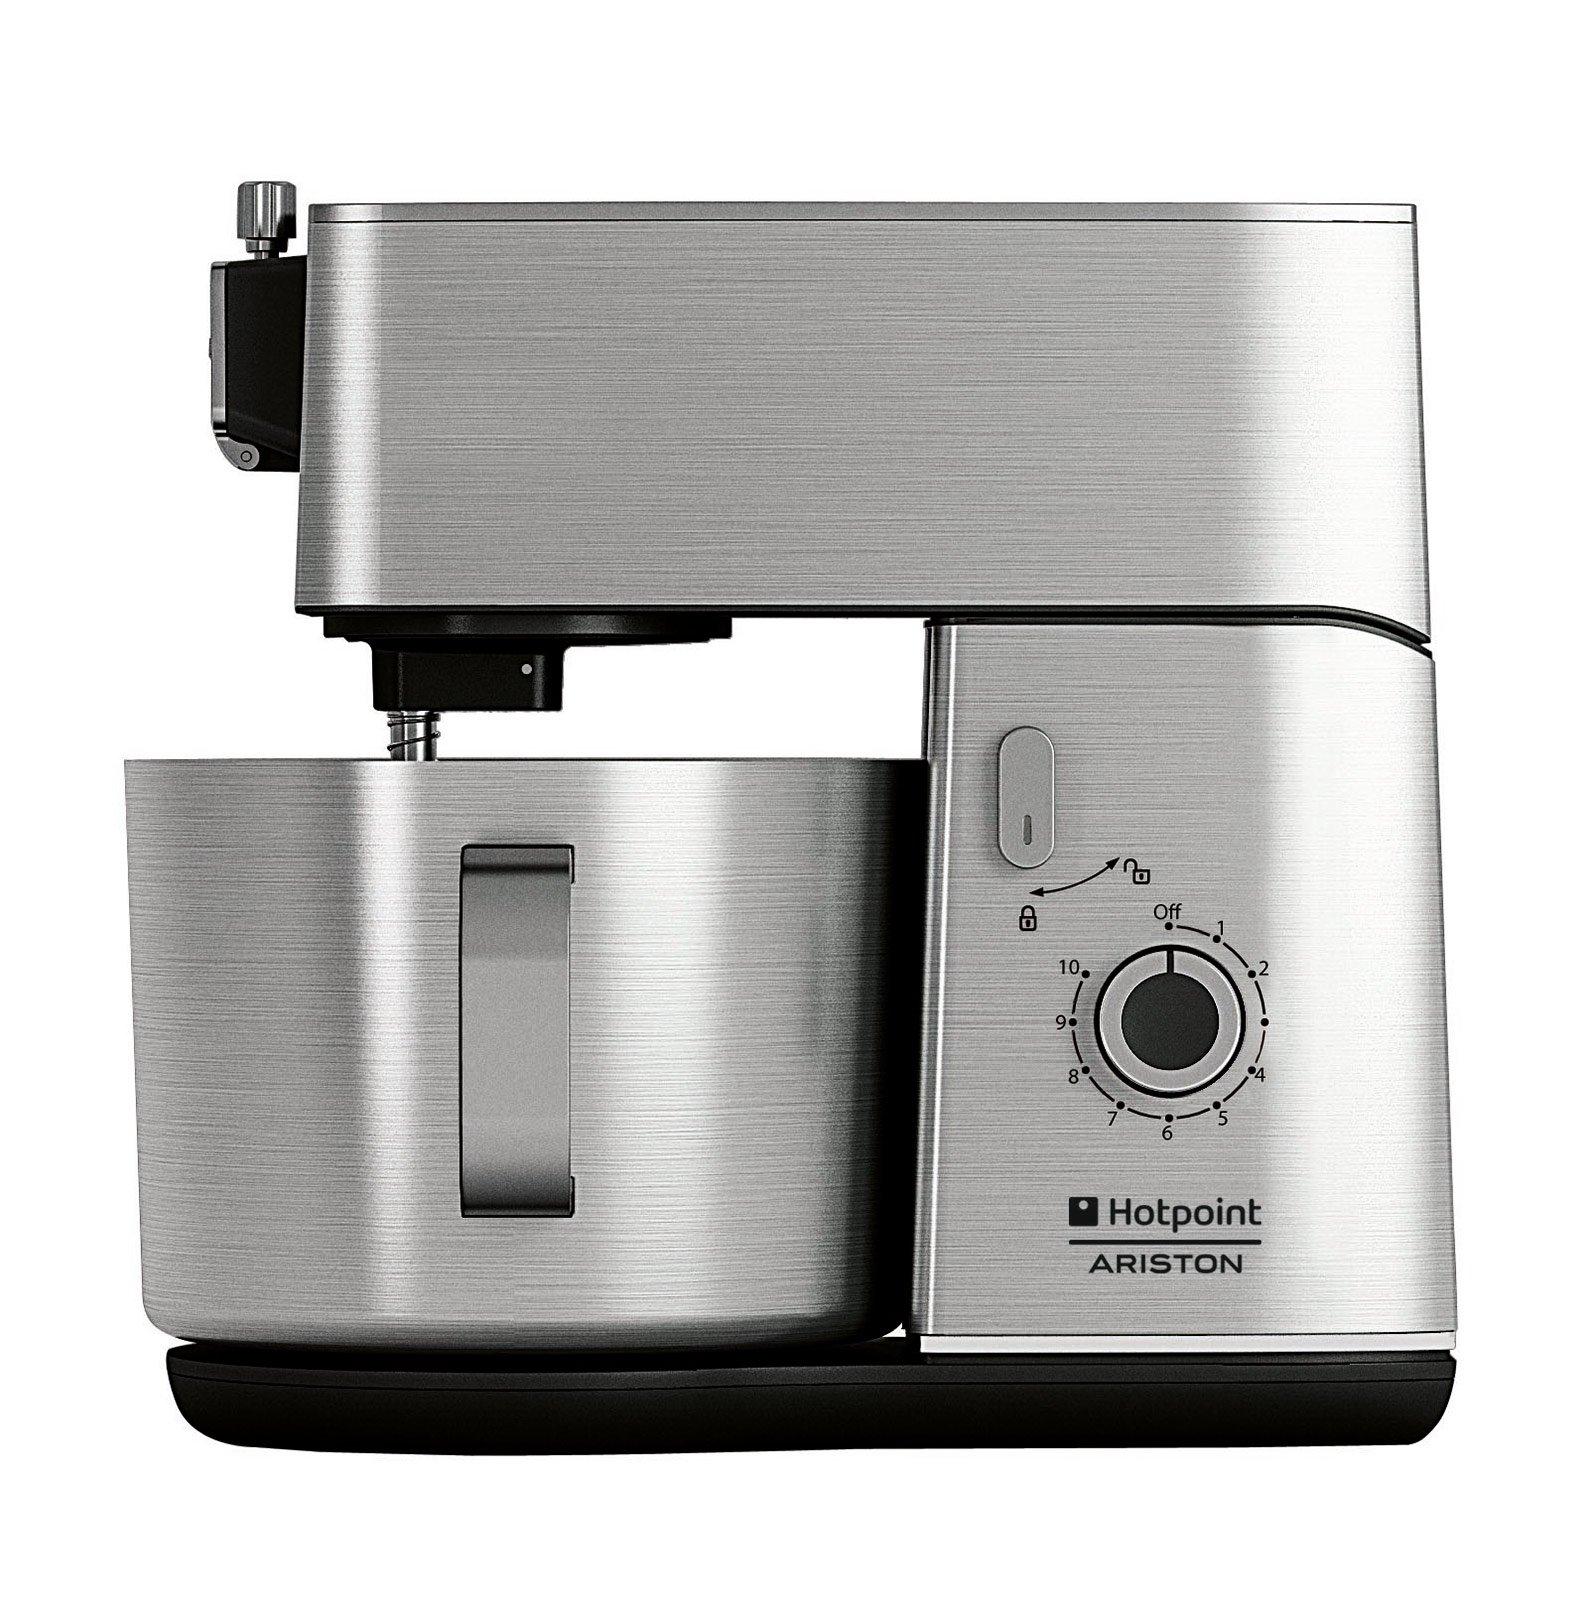 grazie ad accessori professionali studiati per ottenere performance sempre eccellenti la kitchen machine di hotpoint